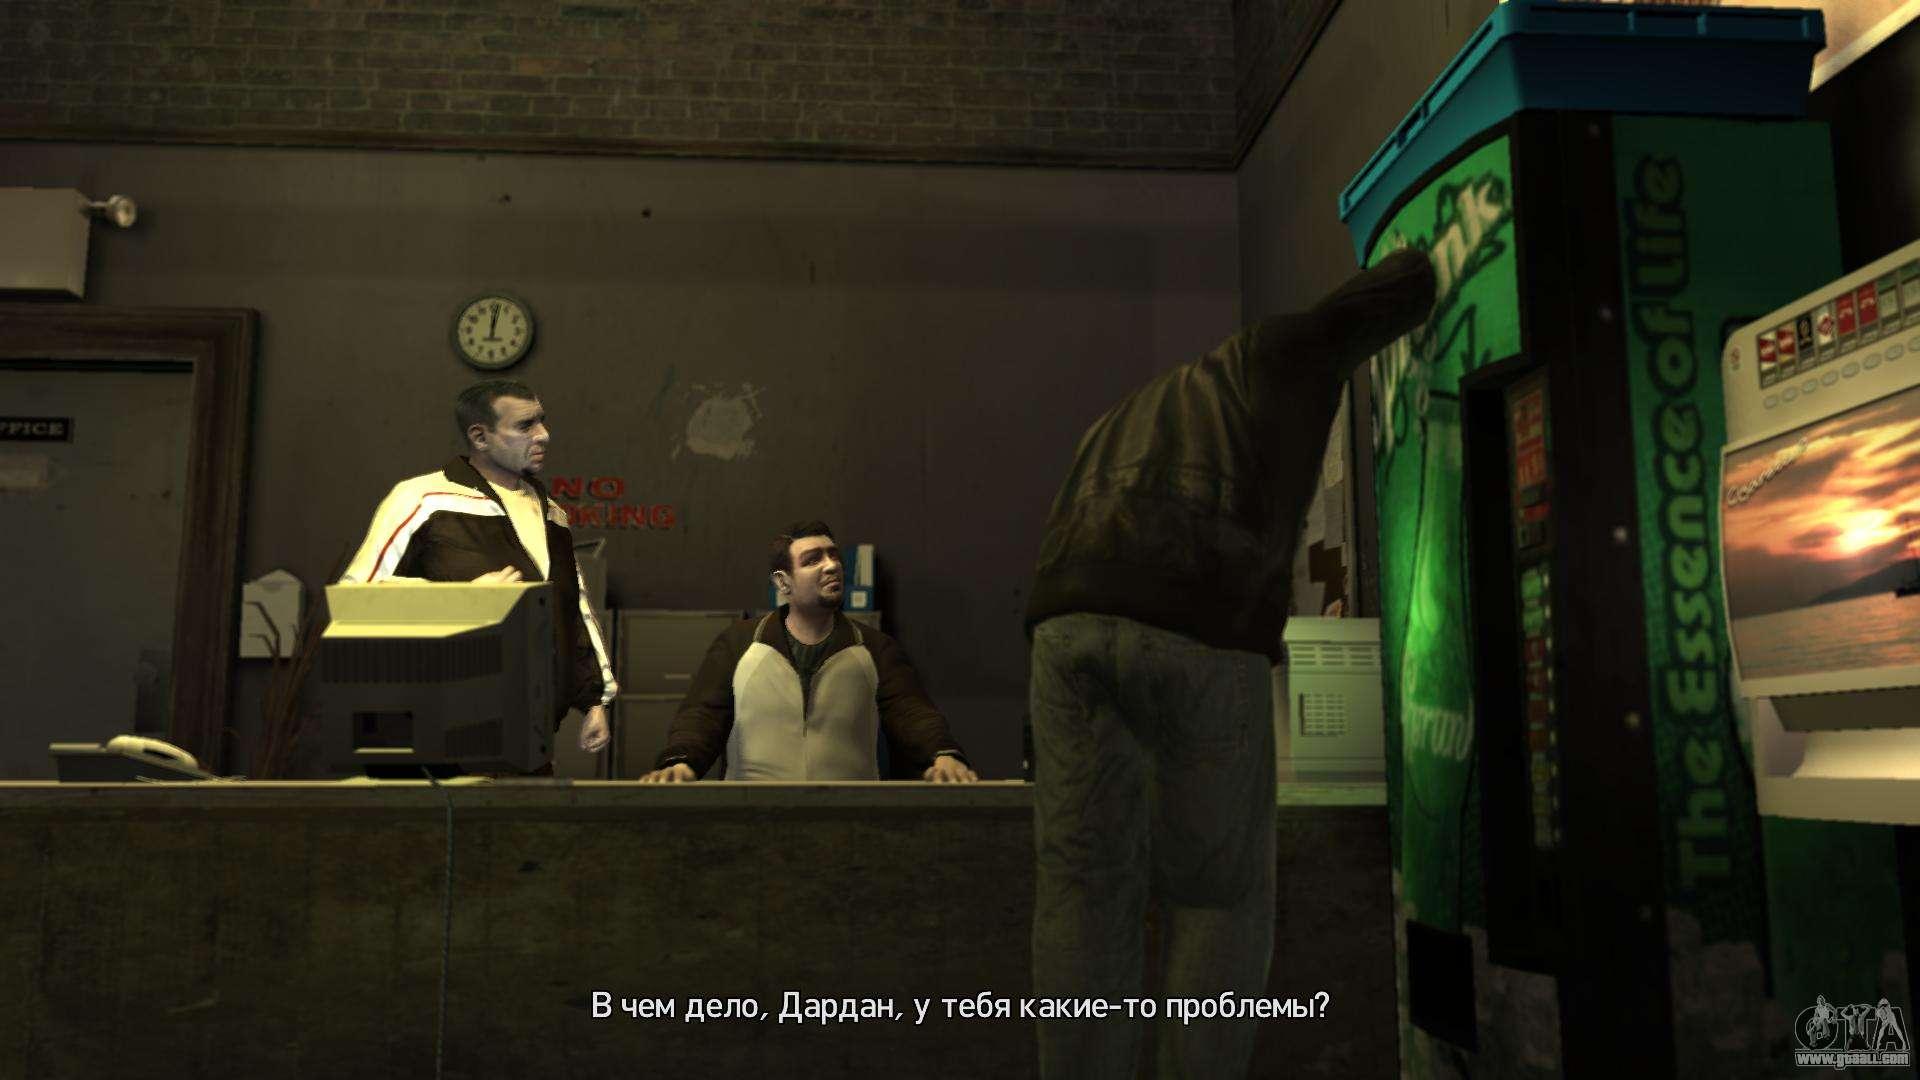 Русификатор от 1C для GTA 4 - LibertyCity. видео psy скачать. RUS Русифика